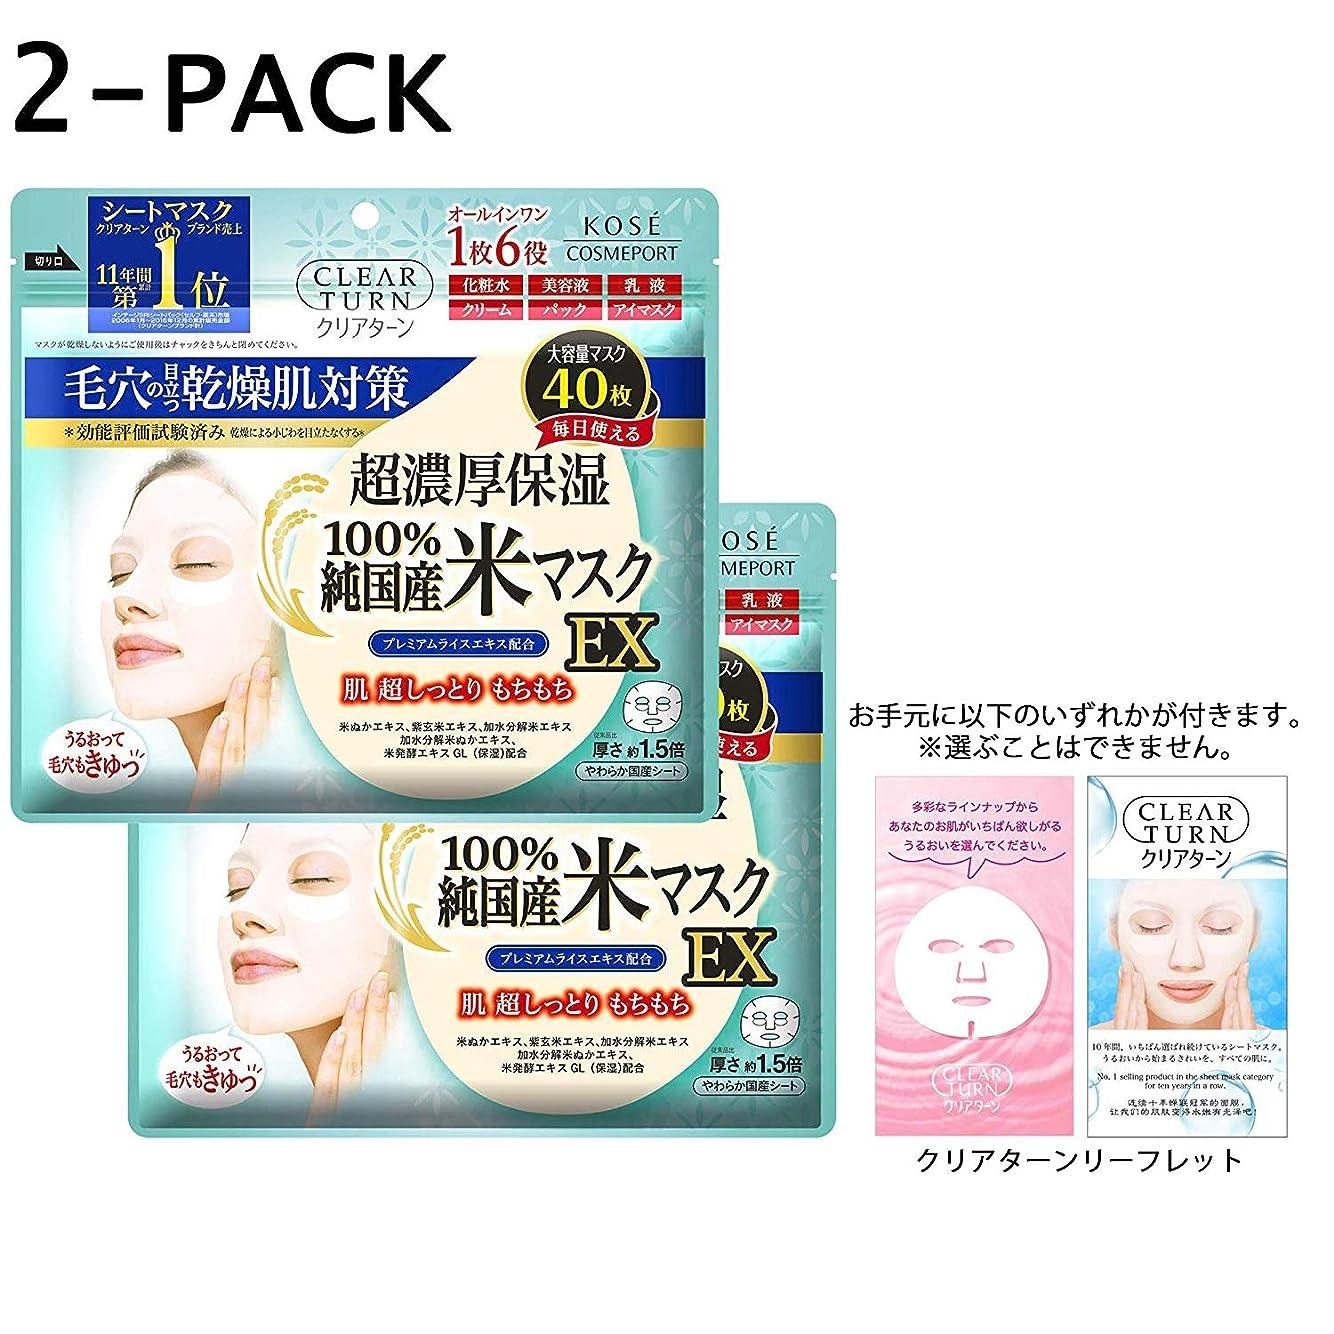 緊張性格スポンサー【Amazon.co.jp限定】KOSE クリアターン 純国産米マスク EX 40枚入 2P+リーフレット付き